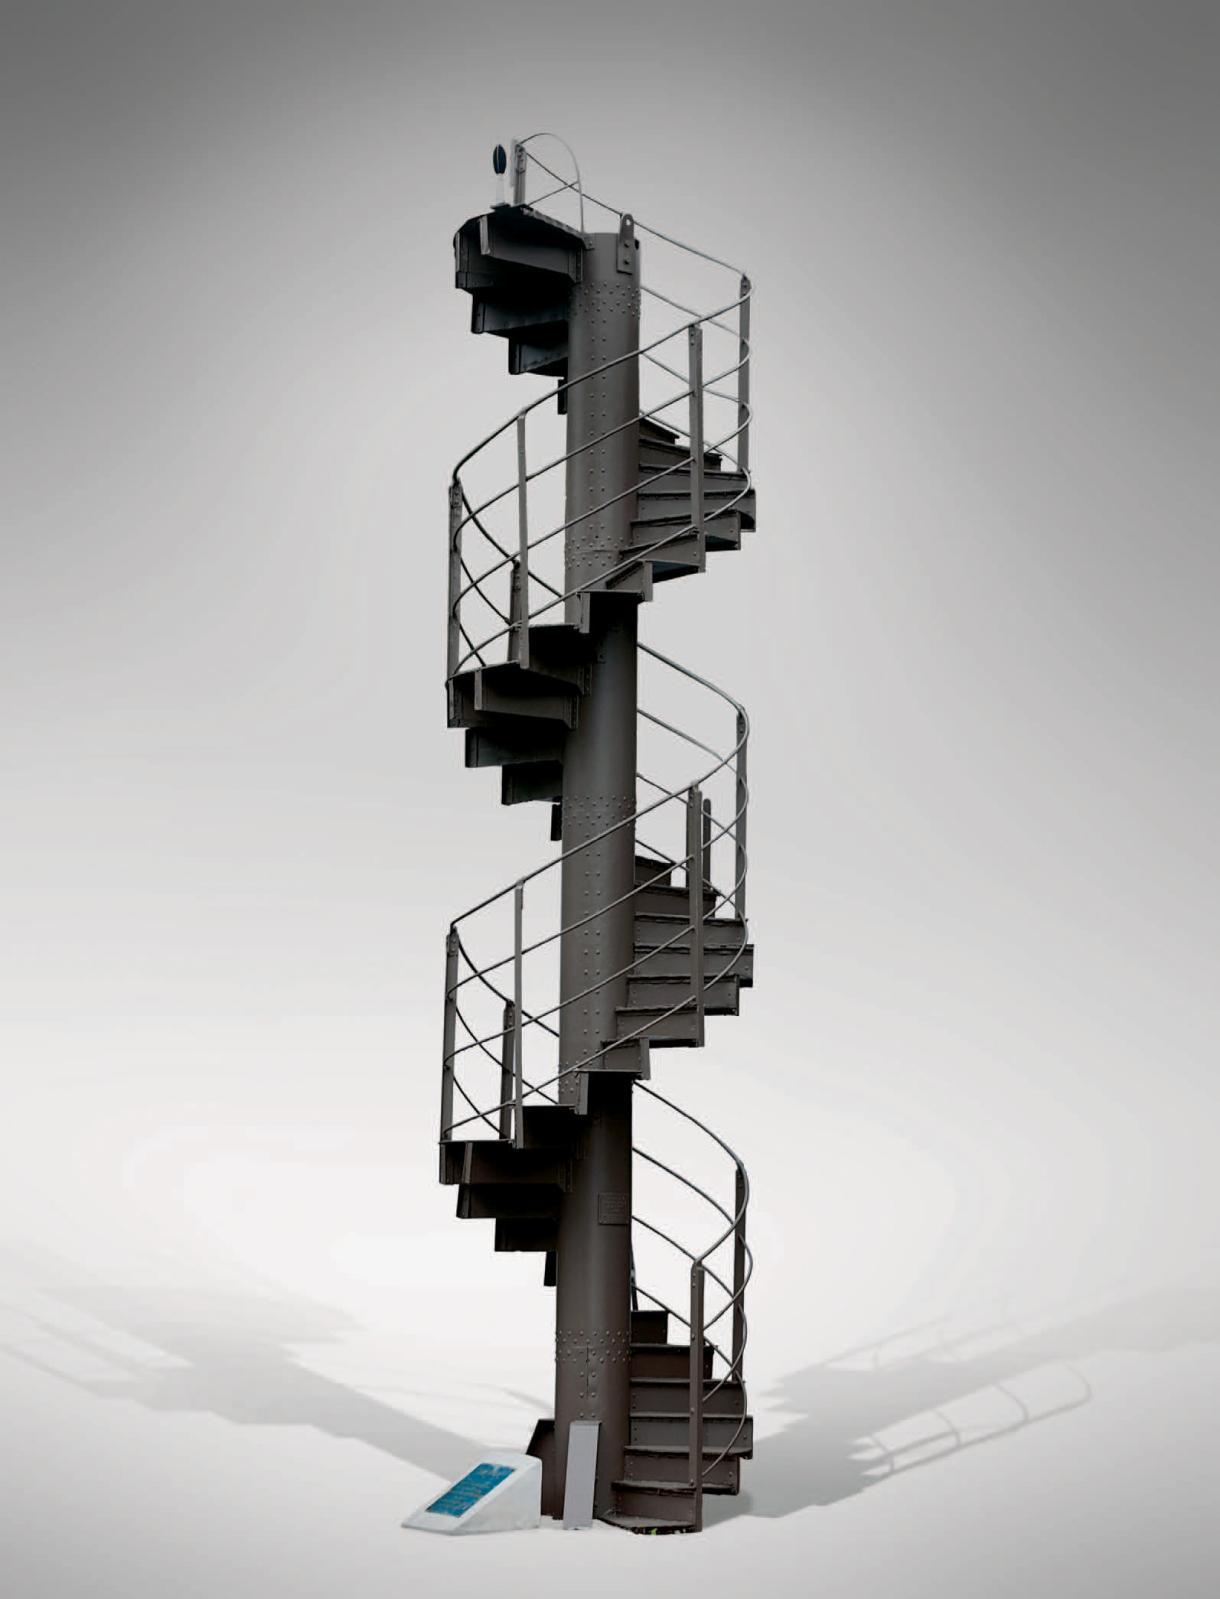 Gustave Eiffel (1832-1923), élément no16 de l'escalier hélicoïdal d'origine de la tour Eiffel en fer peint comprenant quarante marches, garde-corps c